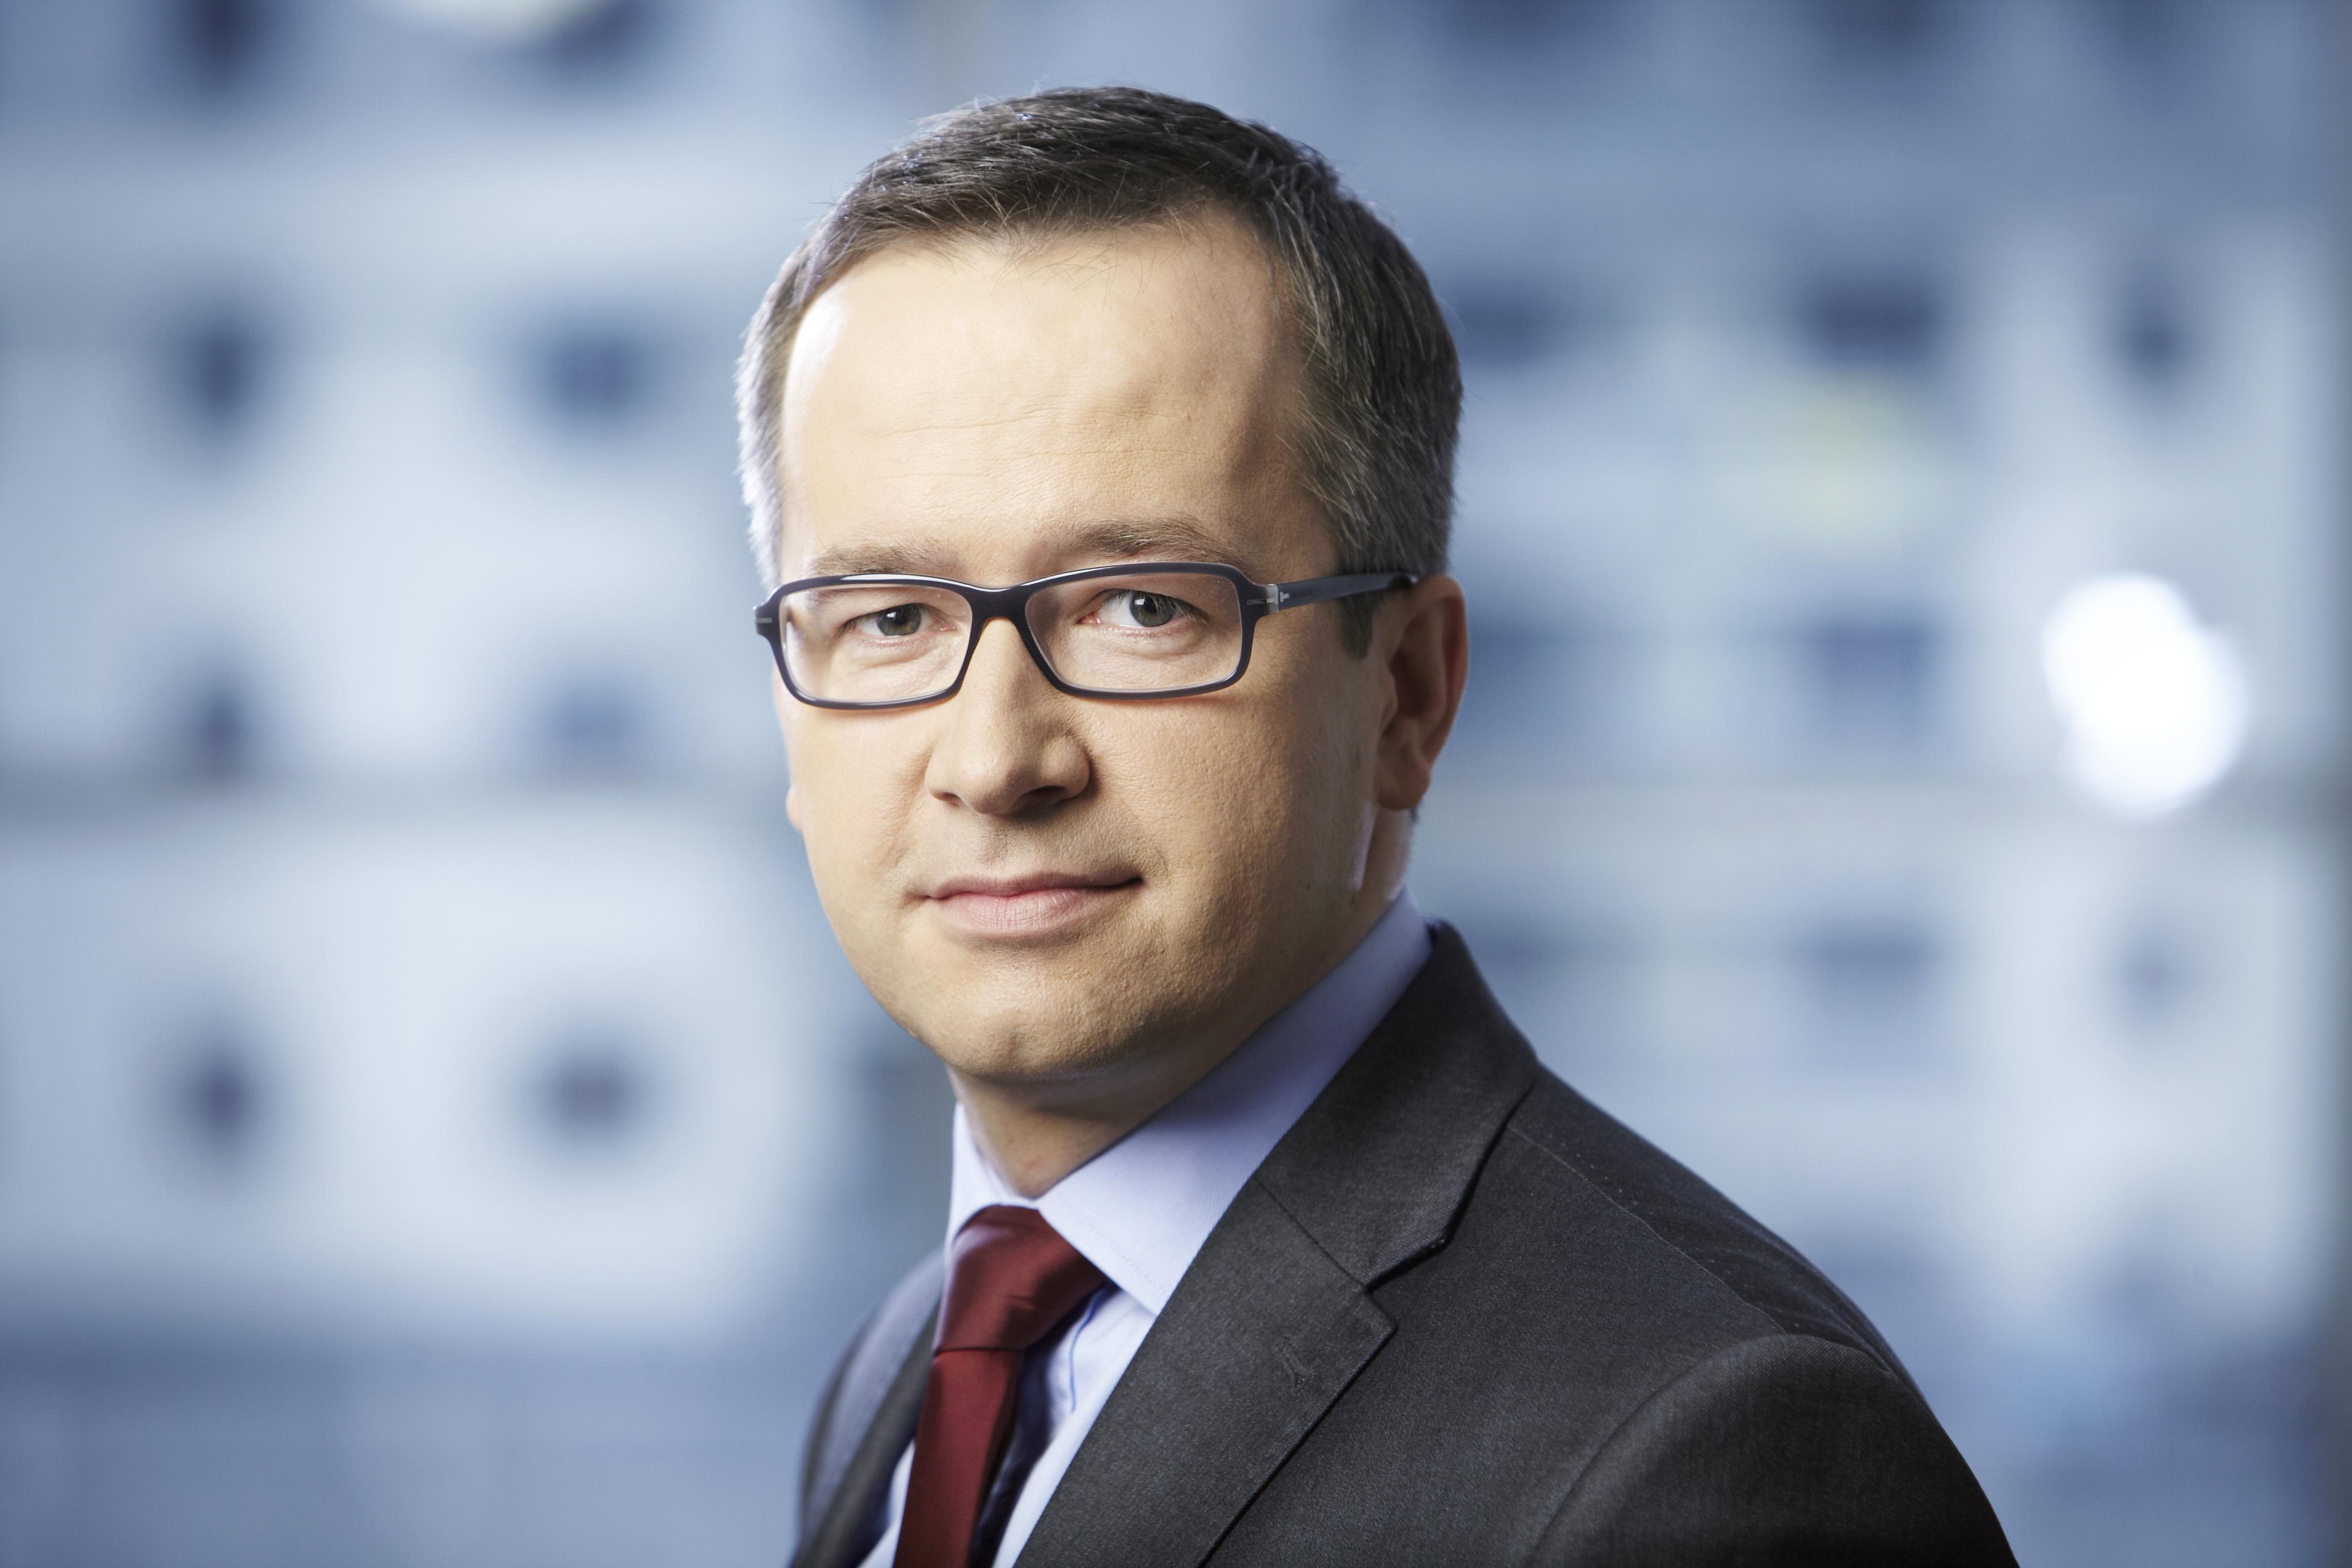 Wojciech Sass zostanie powołany na stanowisko Prezesa Zarządu Nationale-Nederlanden Towarzystwo Ubezpieczeń na Życie oraz Nationale-Nederlanden Usługi Finansowe